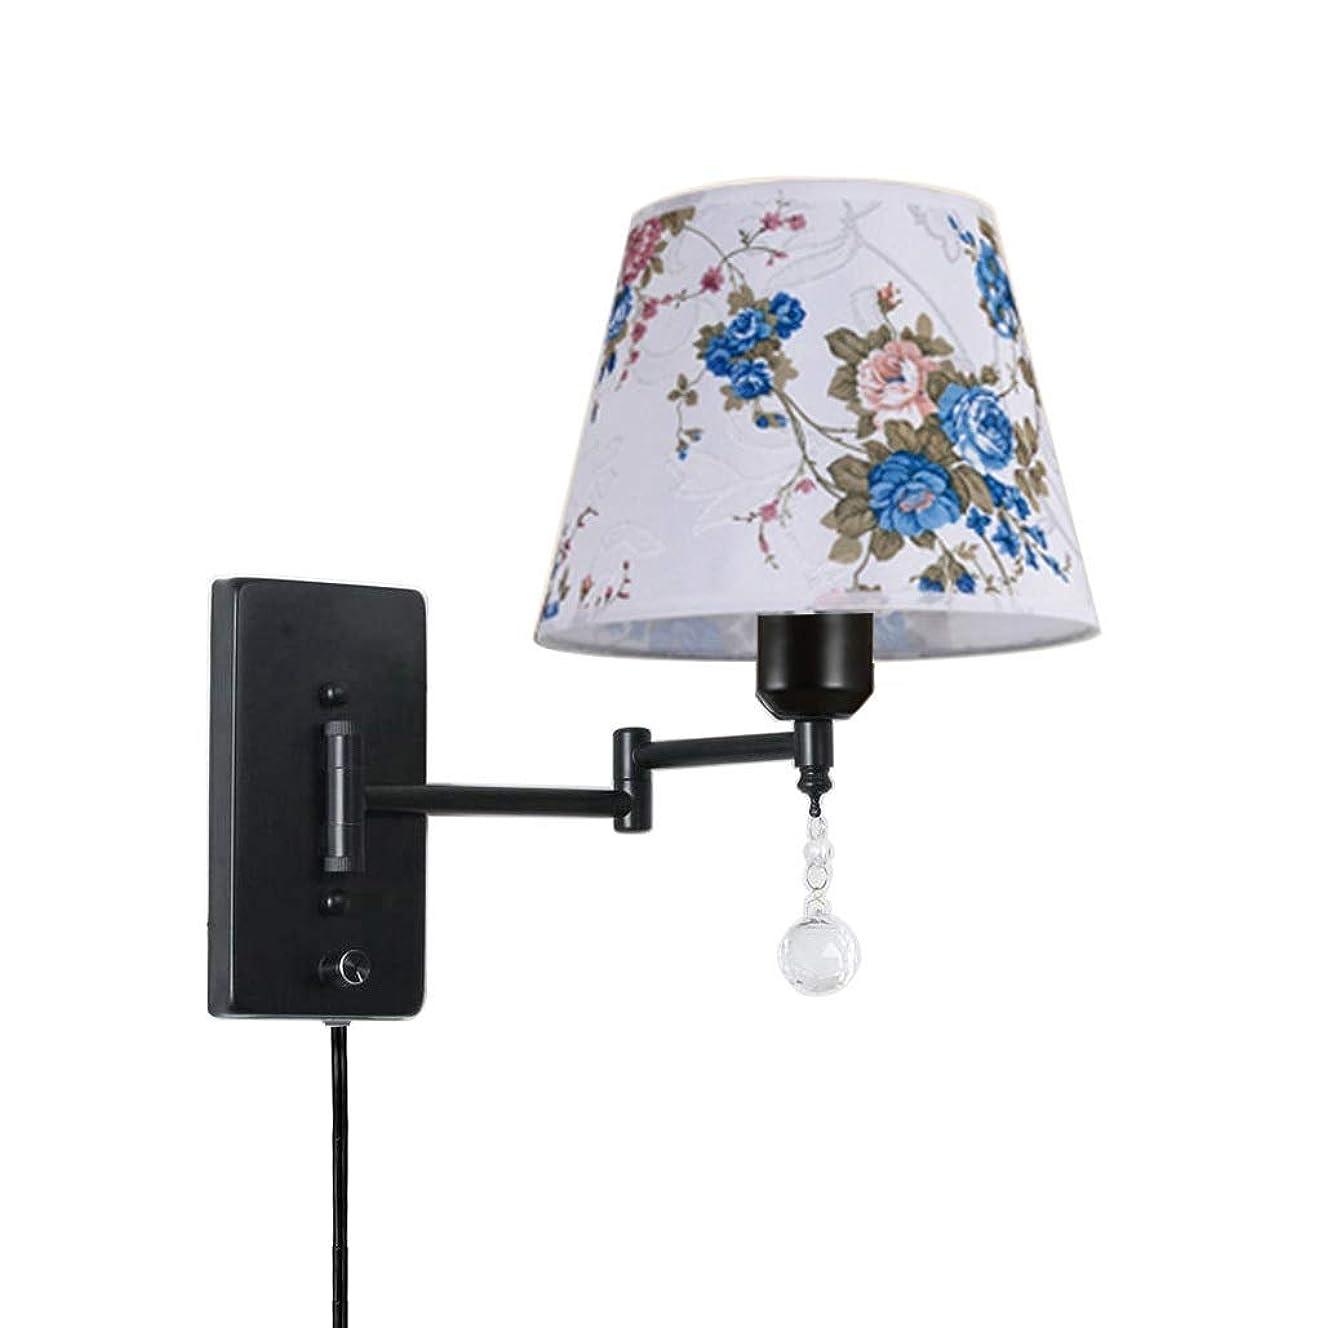 抜け目がないマウスクラブウォールランプ プラグインE26 E27メタル&クロスシェードリビングルームの寝室読書壁ランプをスイングアーム壁取り付け用燭台 (Color : Black Button switch, Size : 12.6